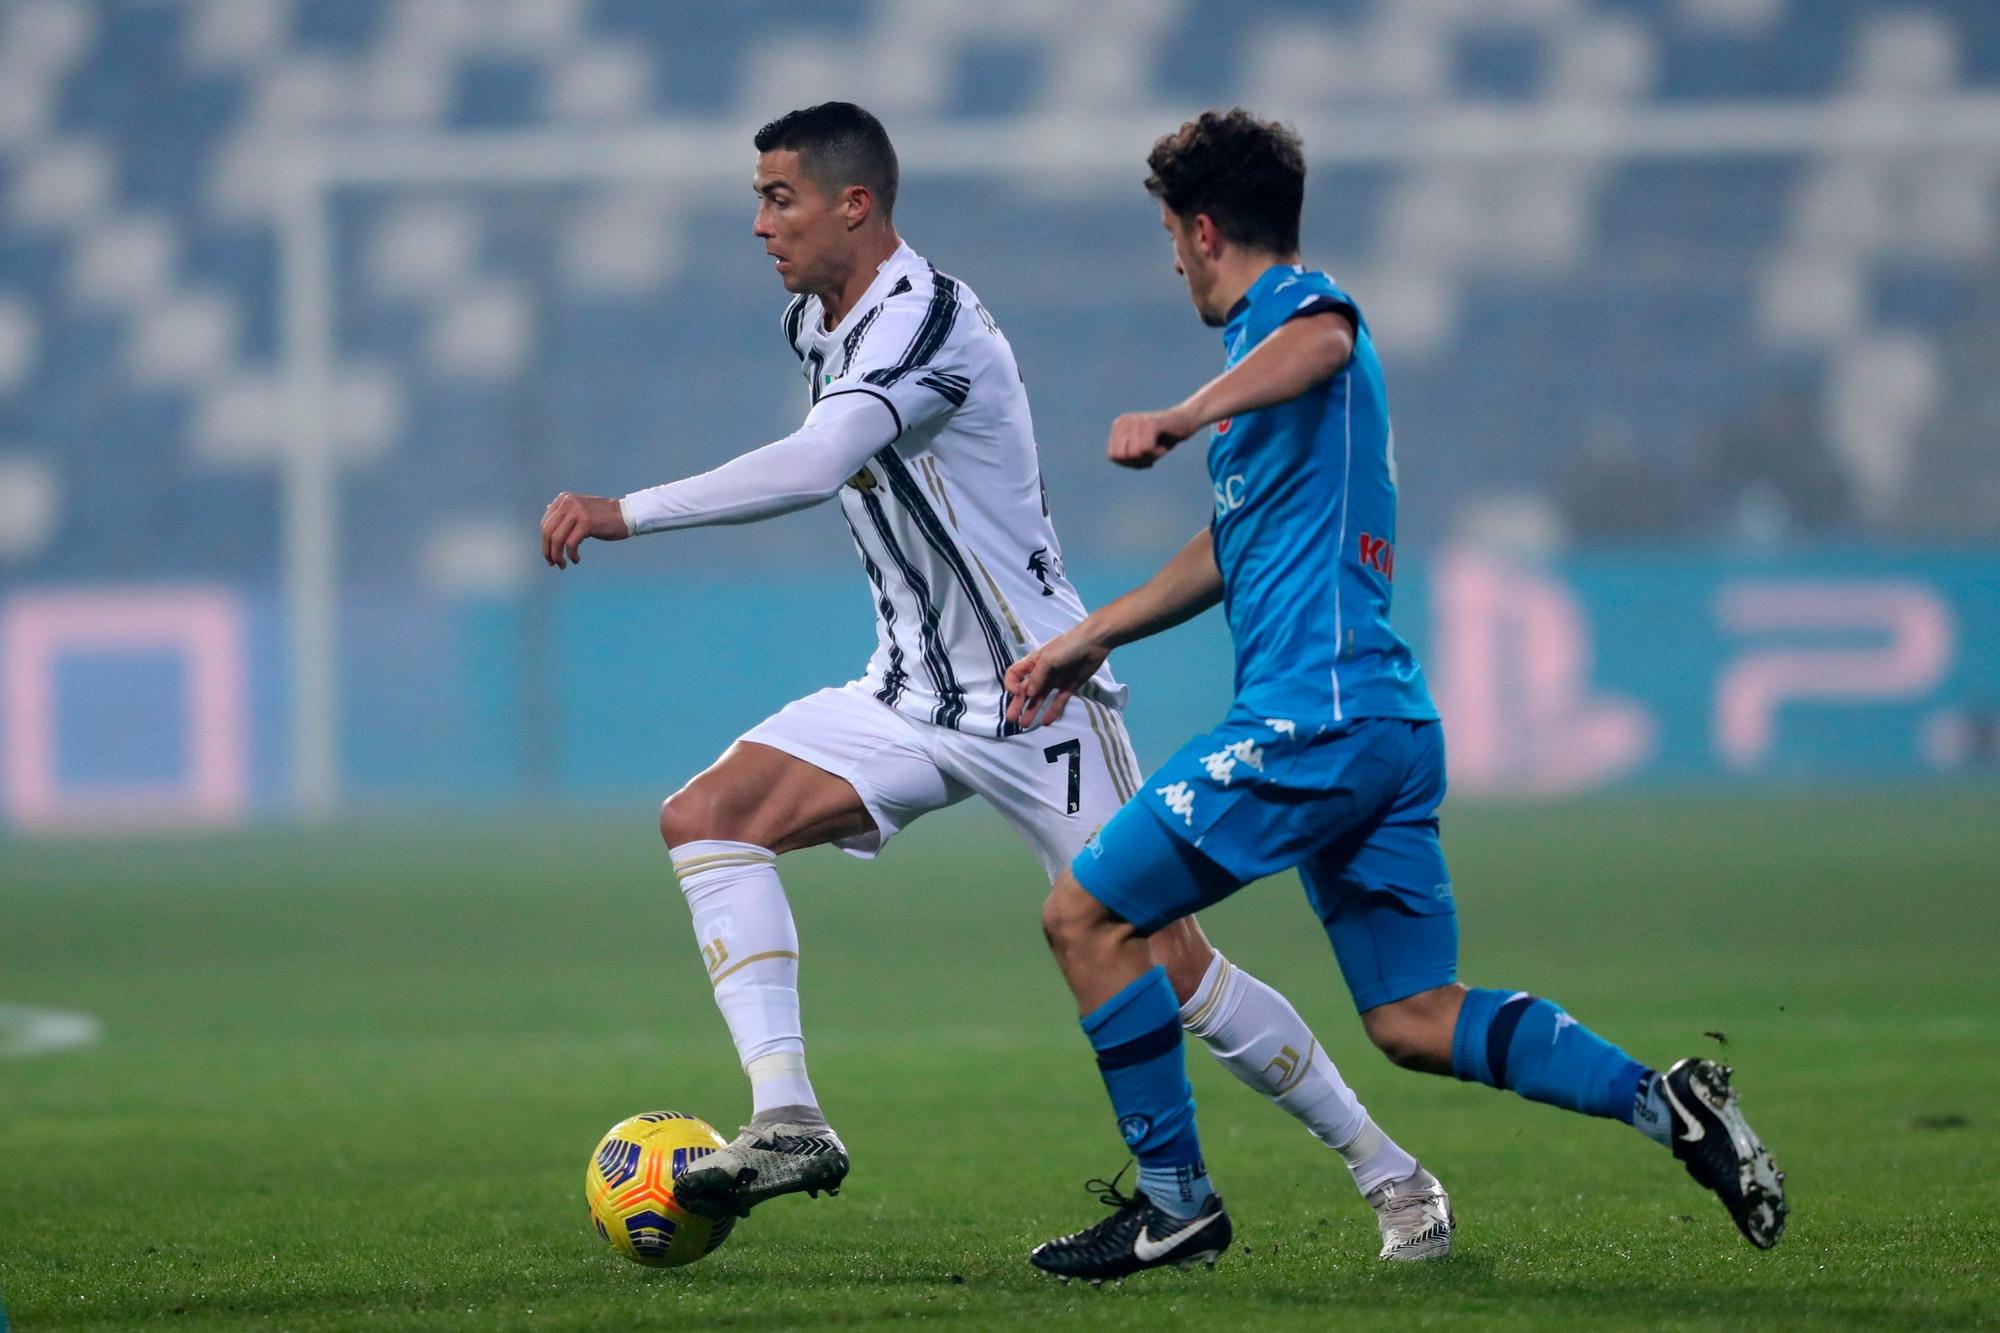 Napoli-Juve, la formazione ufficiale di Pirlo